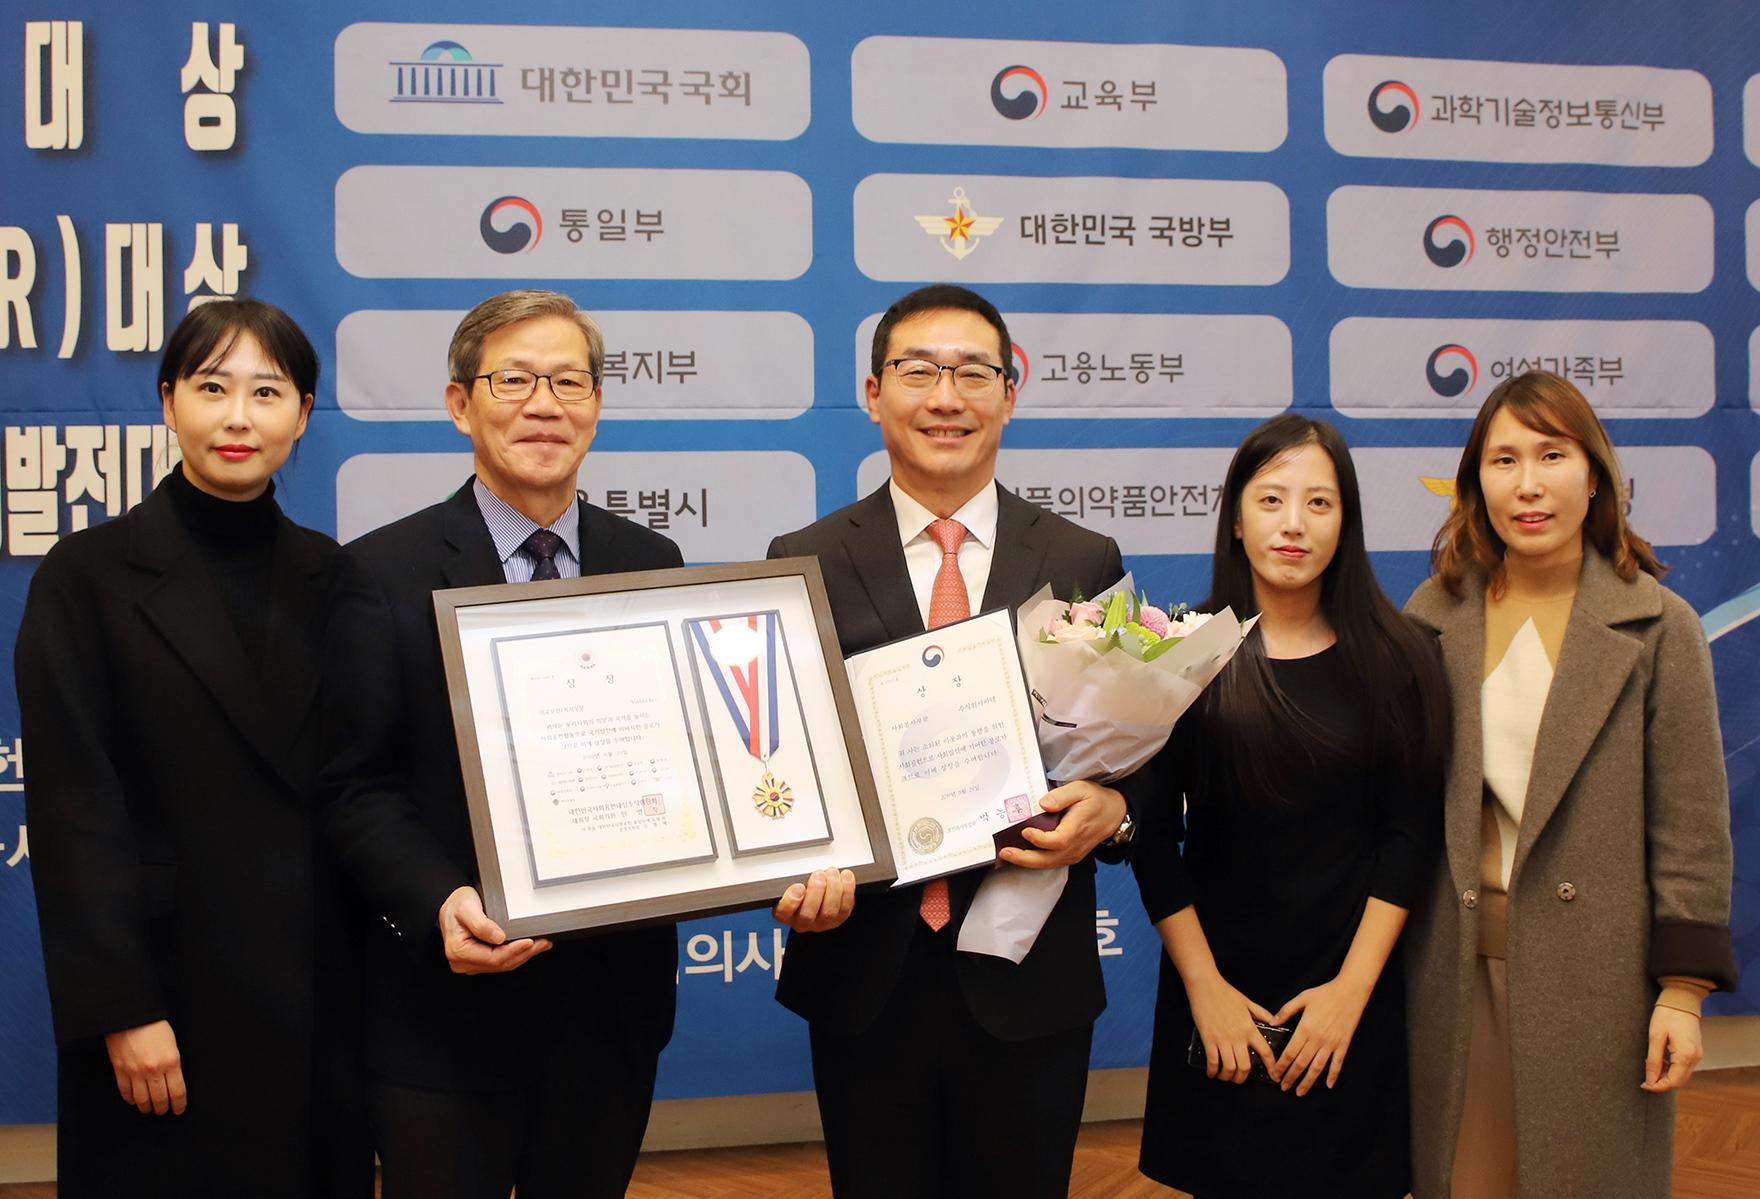 바텍 현정훈 대표이사가 대한민국 사회공헌 대상을 받고 있다.jpg